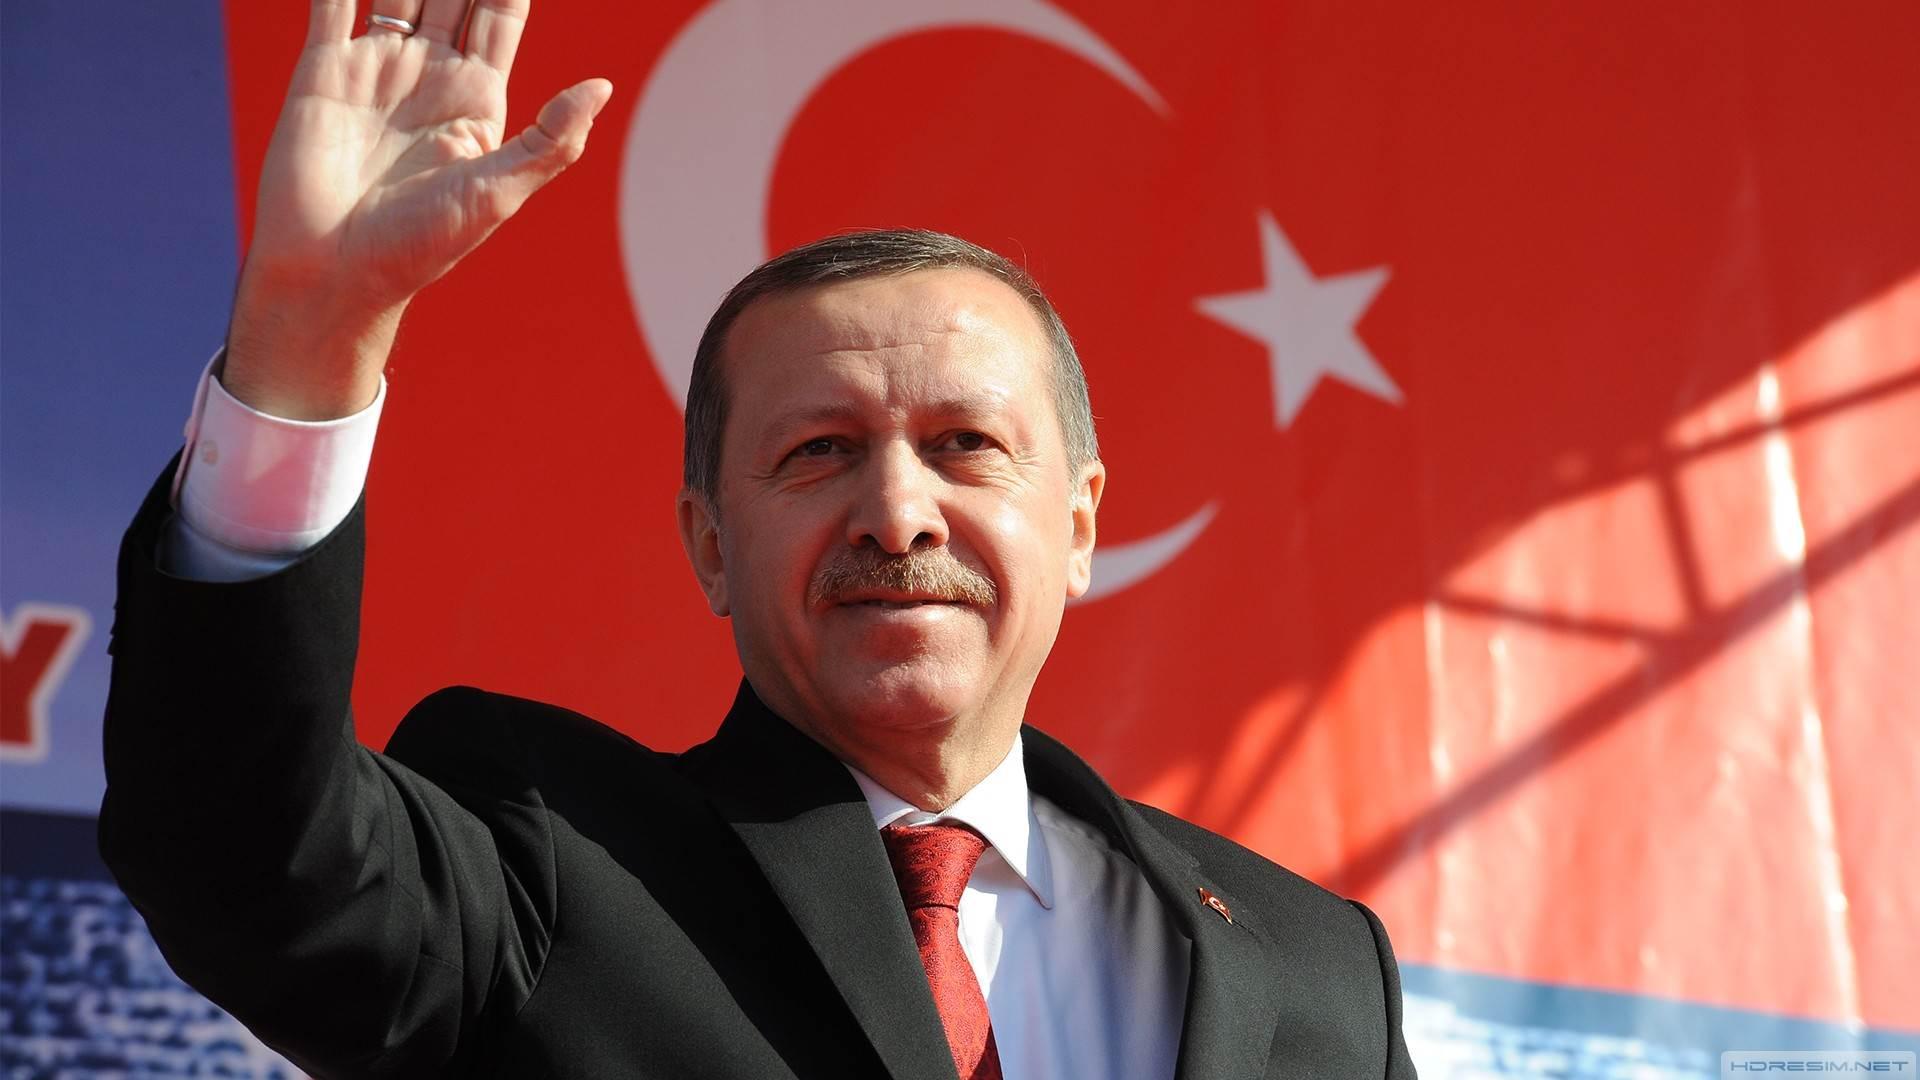 نبوءة أردوغان المحاولة الانقلابية ستجعله أقوى